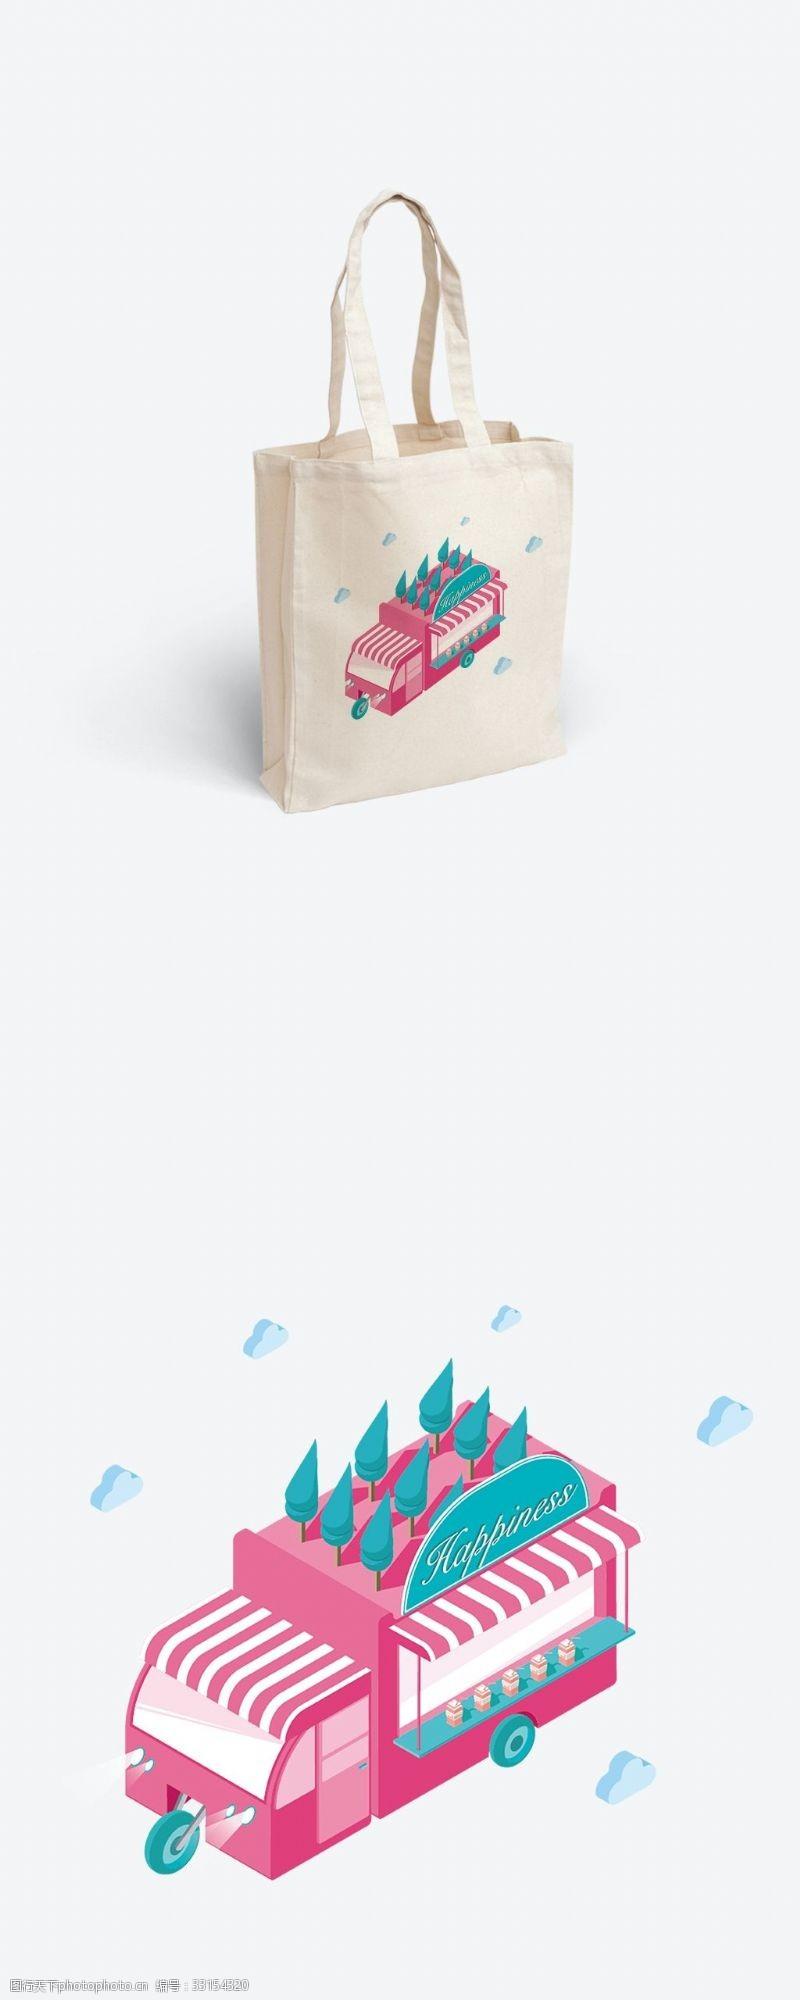 原创矢量2.5D插图快乐小货车帆布袋插画